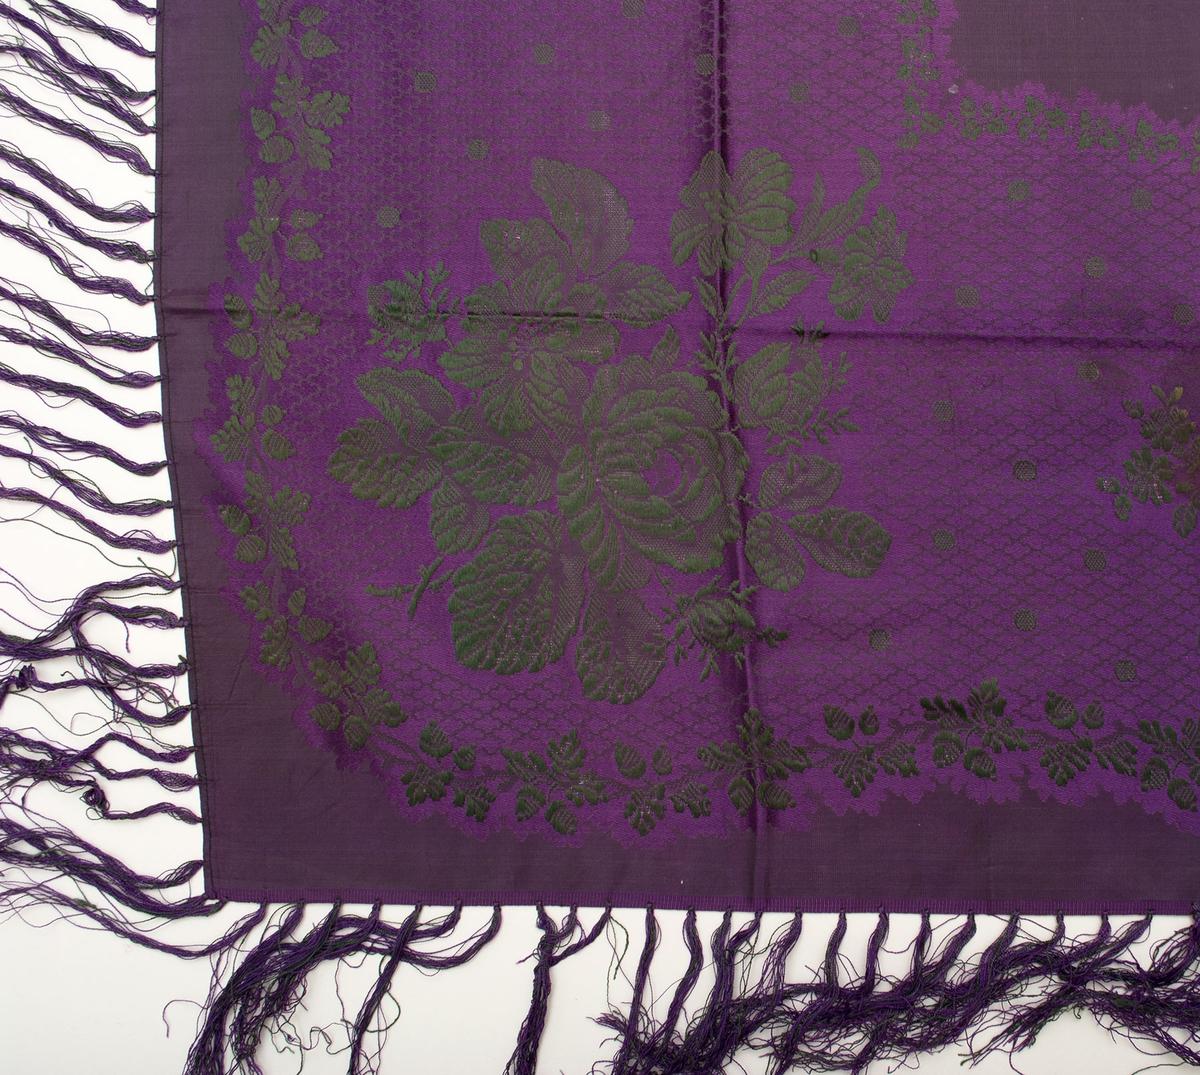 """Blommönstrad sidenschal med frans. Mönstret med rosor, blad, rankor och prickar i grönt på småmönstrad botten i lila löper runt om som en 23 mm bred bård med vågiga kanter. Slät omönstrad yta mitt i; ca 280 x 280 mm, liksom längs kanterna. Stadkant i två sidor, maskinfållad i två sidor. Iknuten 100 mm lång frans längs alla fyra sidor i lila och grönt tvåtrådigt silke, 12 mm mellan varje knut. Varp och botteninslag i lila silkegarn. Inslag i grönt silkegarn. Märkt på baksidan med påsydd tyglapp med texten: """"N° 175 a.  Färs h-d."""". Mått exklusive frans."""